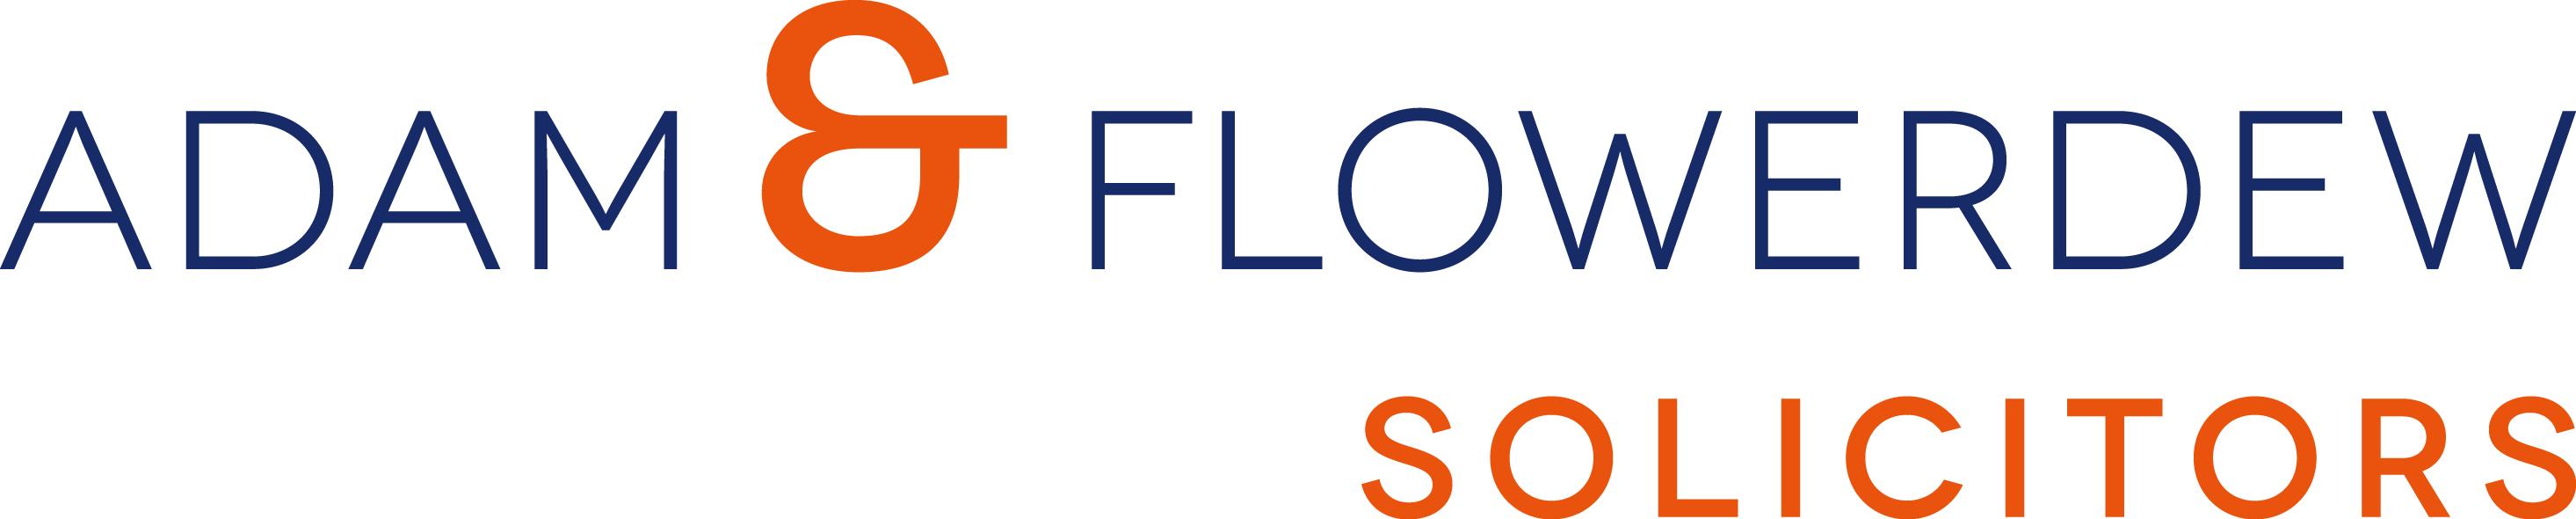 Adam & Flowerdew Solicitors